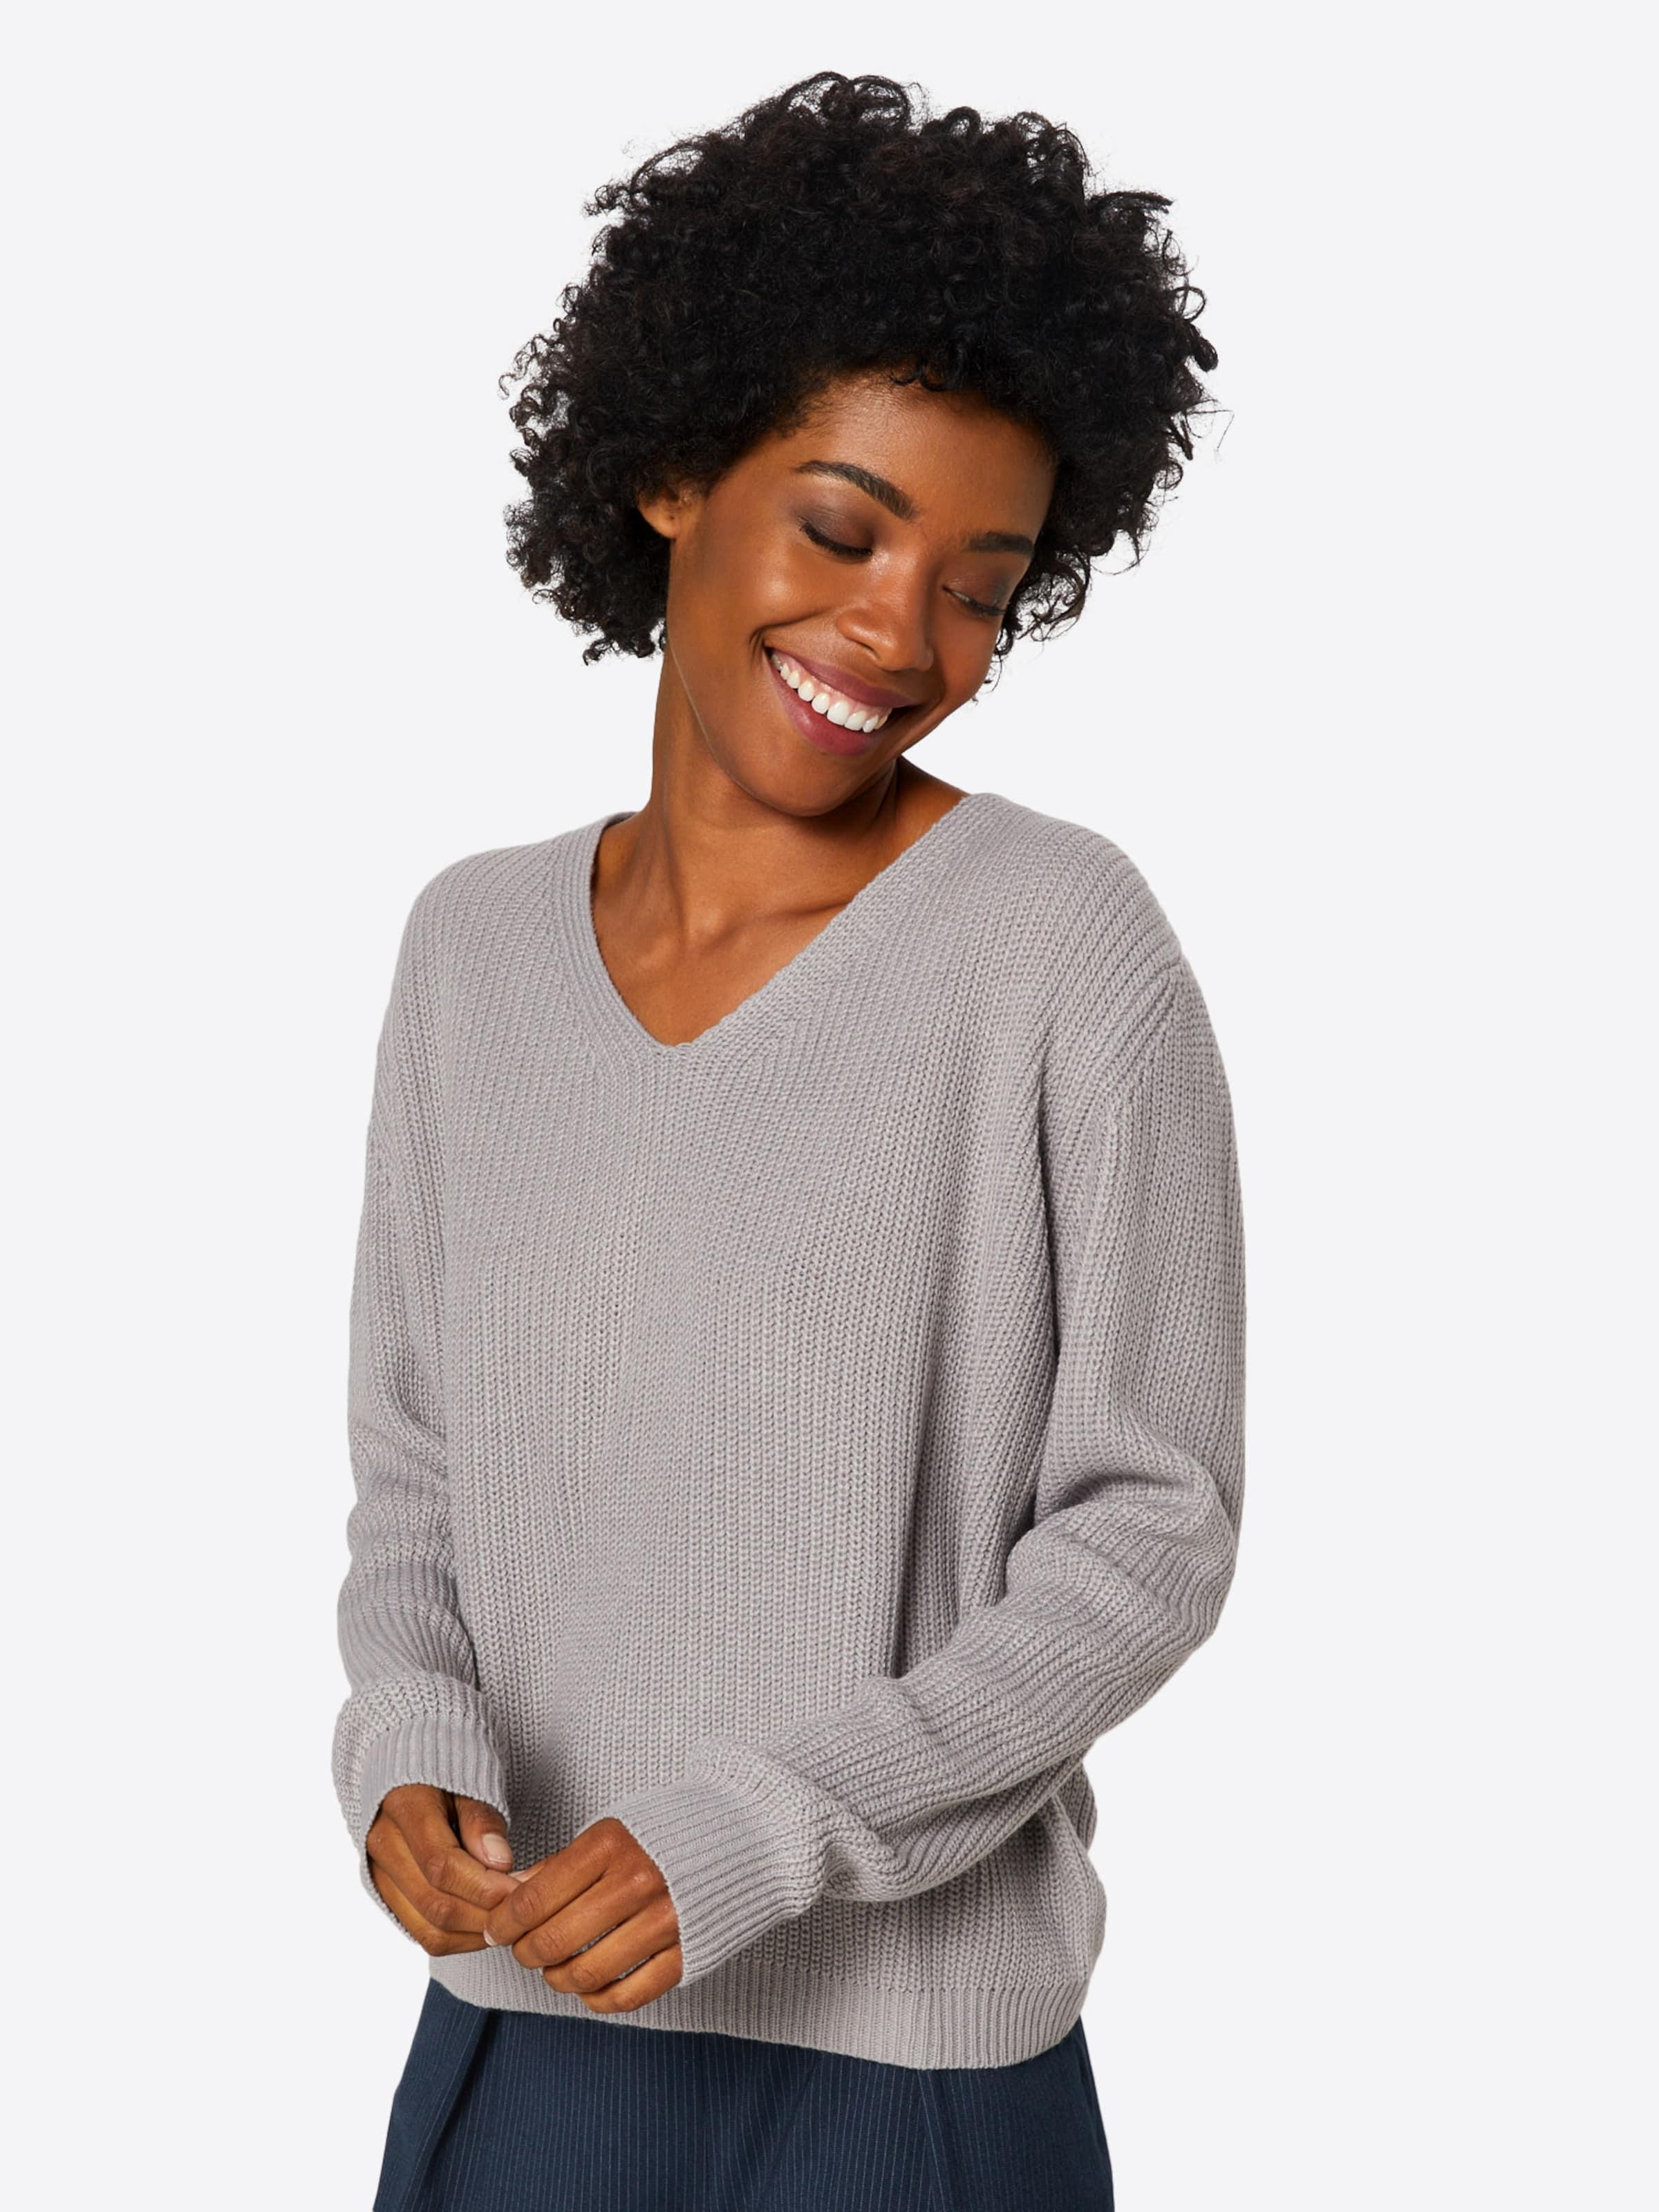 Urban Urban Classics Classics Sweater In Grau n08kwOPXZN